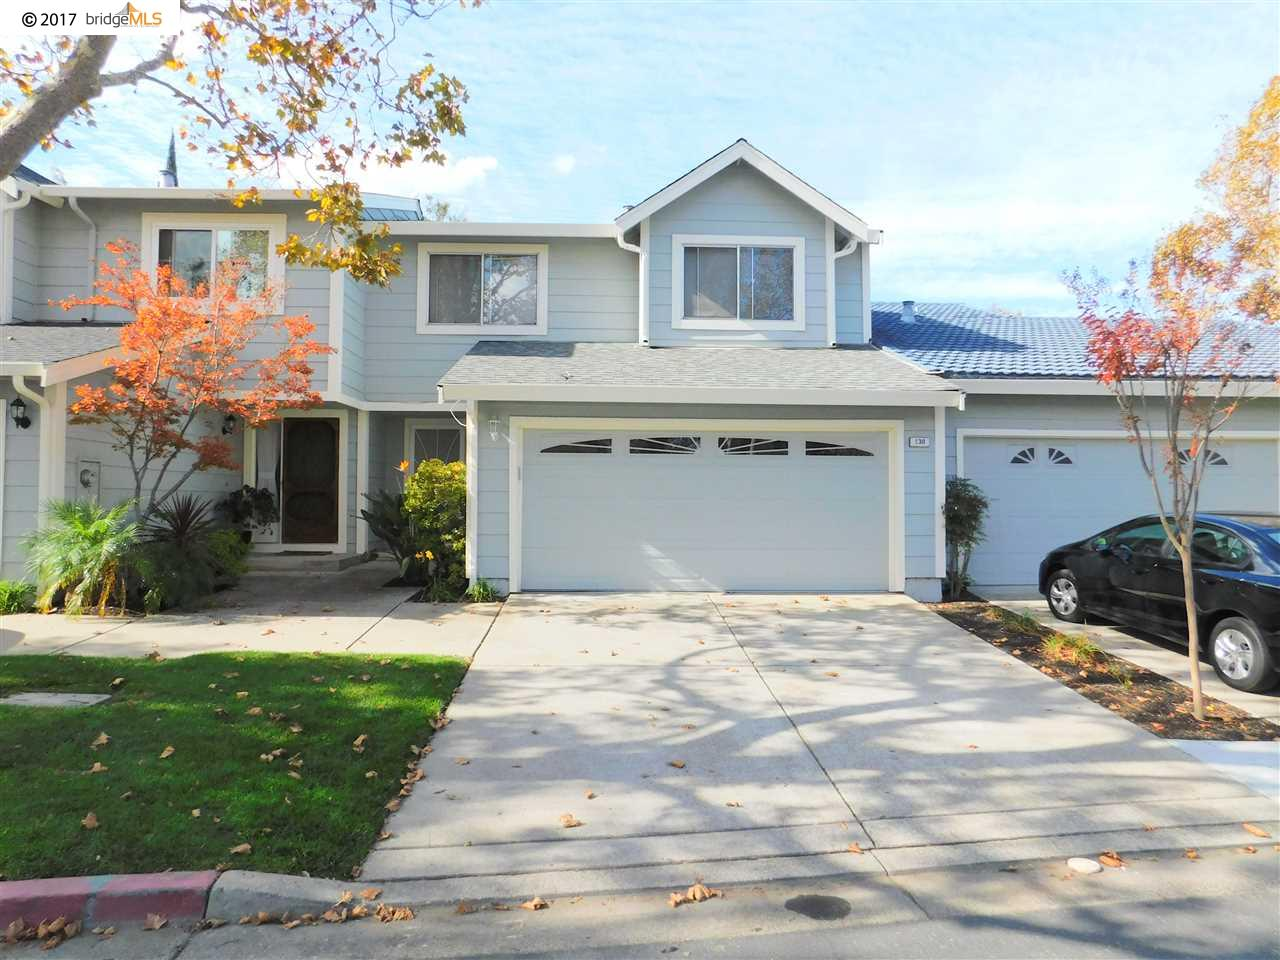 Stadthaus für Verkauf beim 130 Edgewater Place Pittsburg, Kalifornien 94565 Vereinigte Staaten